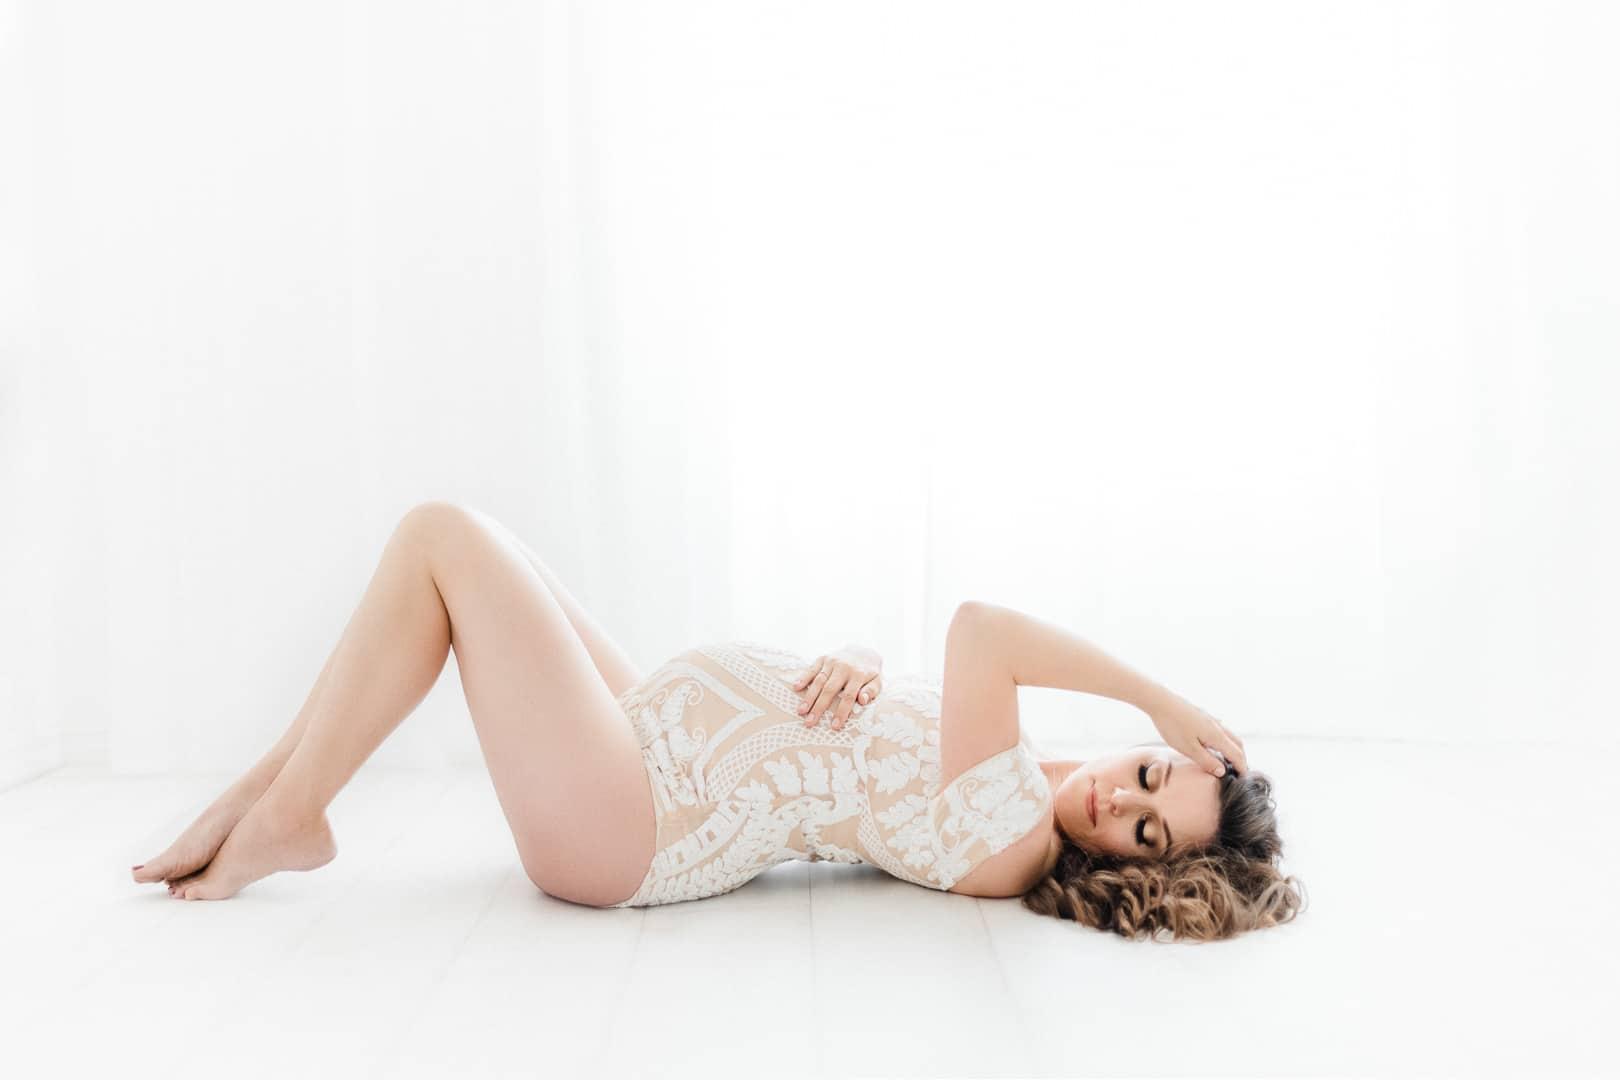 grossesse, maternité, femme enceinte, photographe Lausanne, photographe Genève, photographe Morges, photographe Nyon